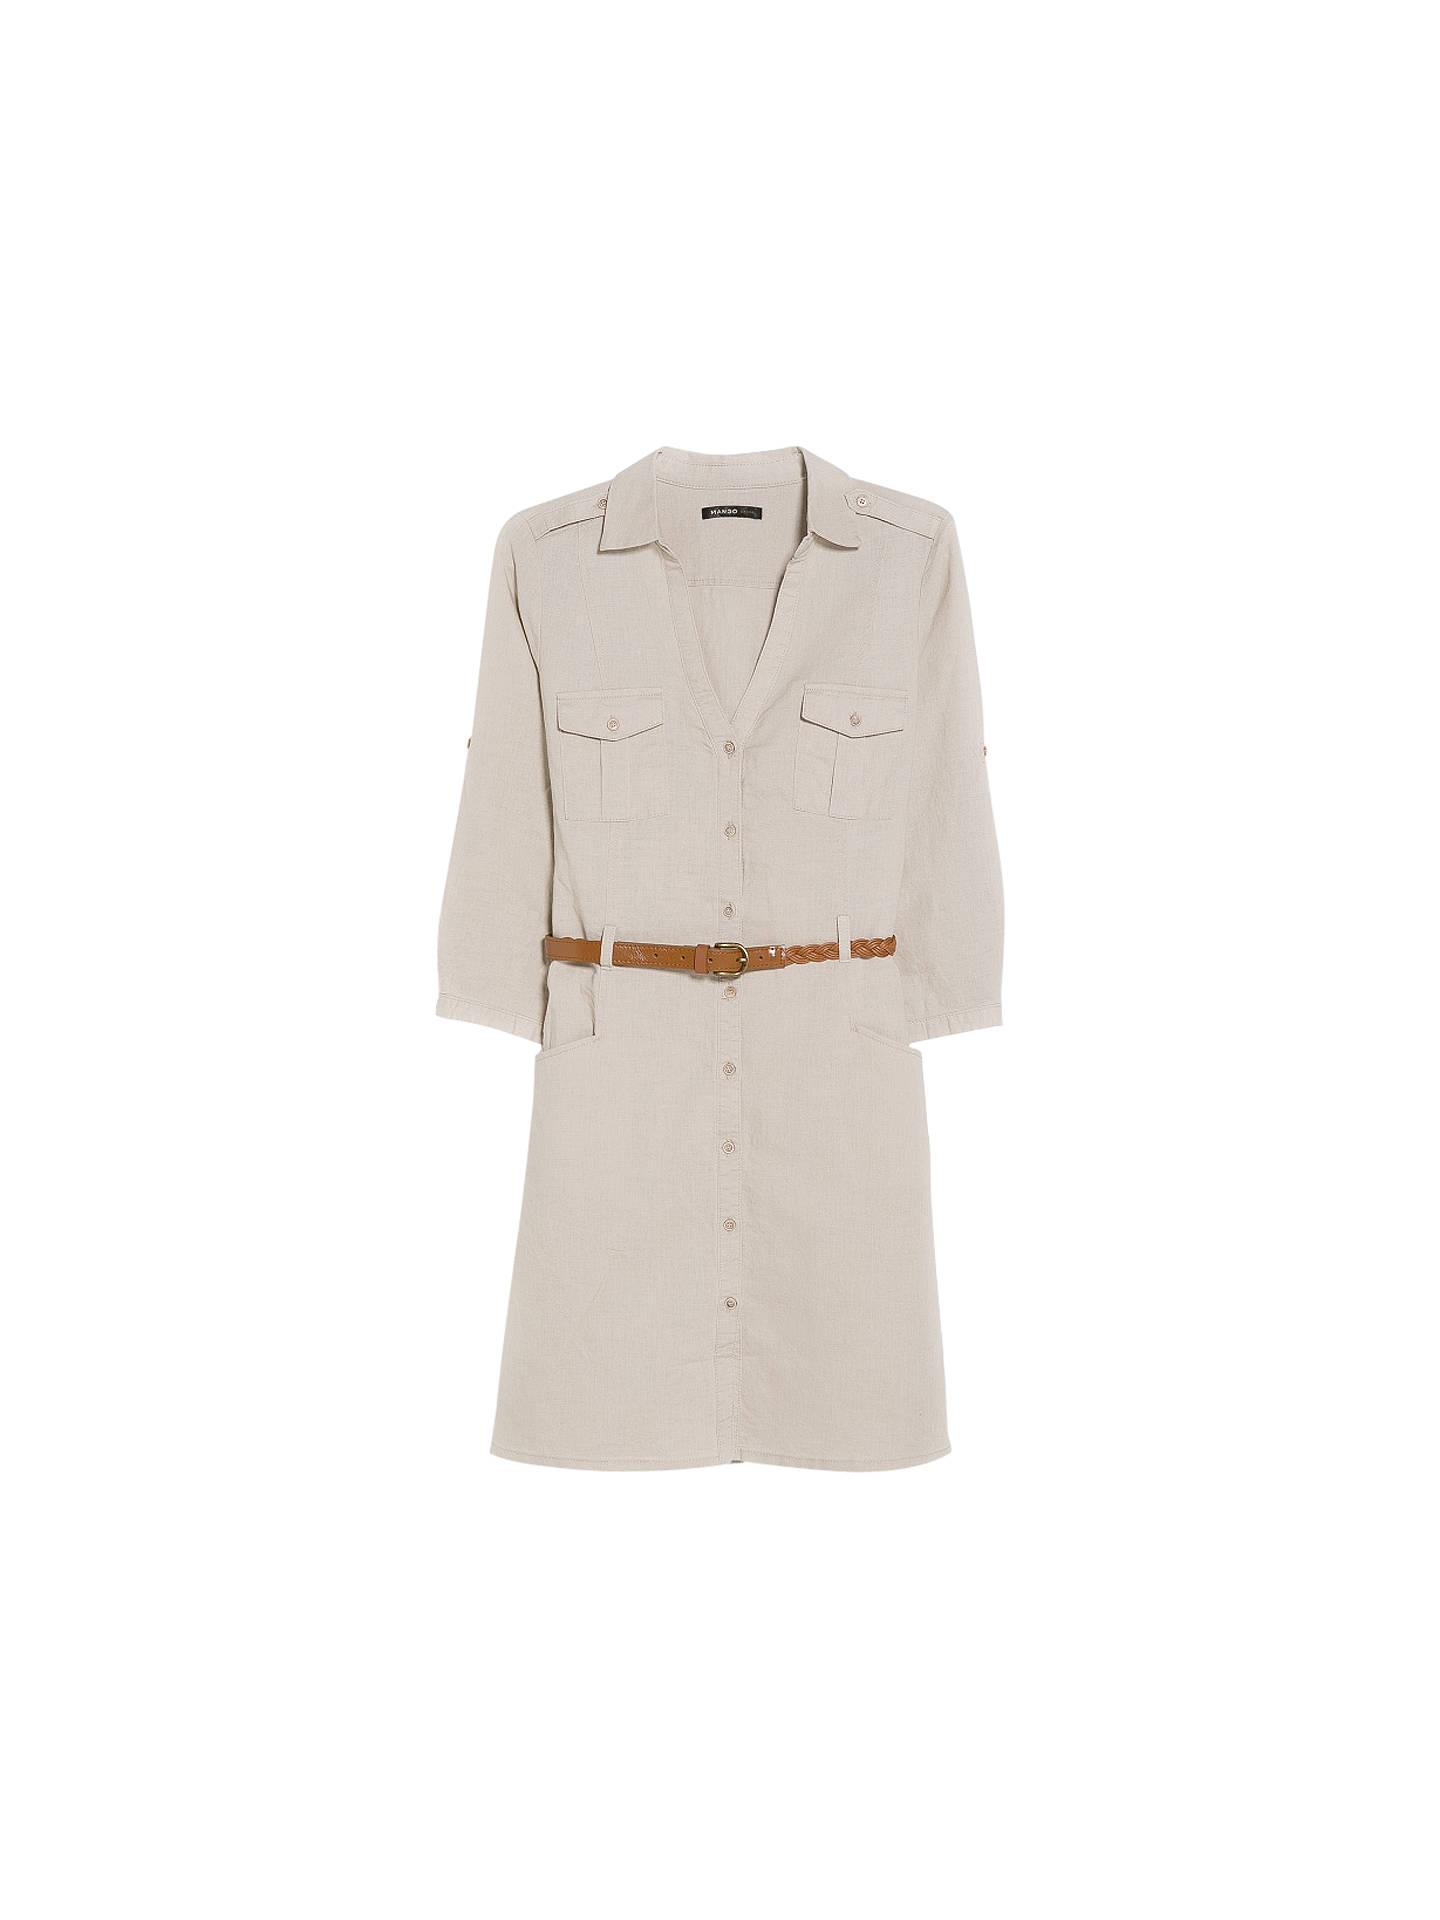 ee09e786c0f Mango Linen Blend Shirt Dress at John Lewis   Partners